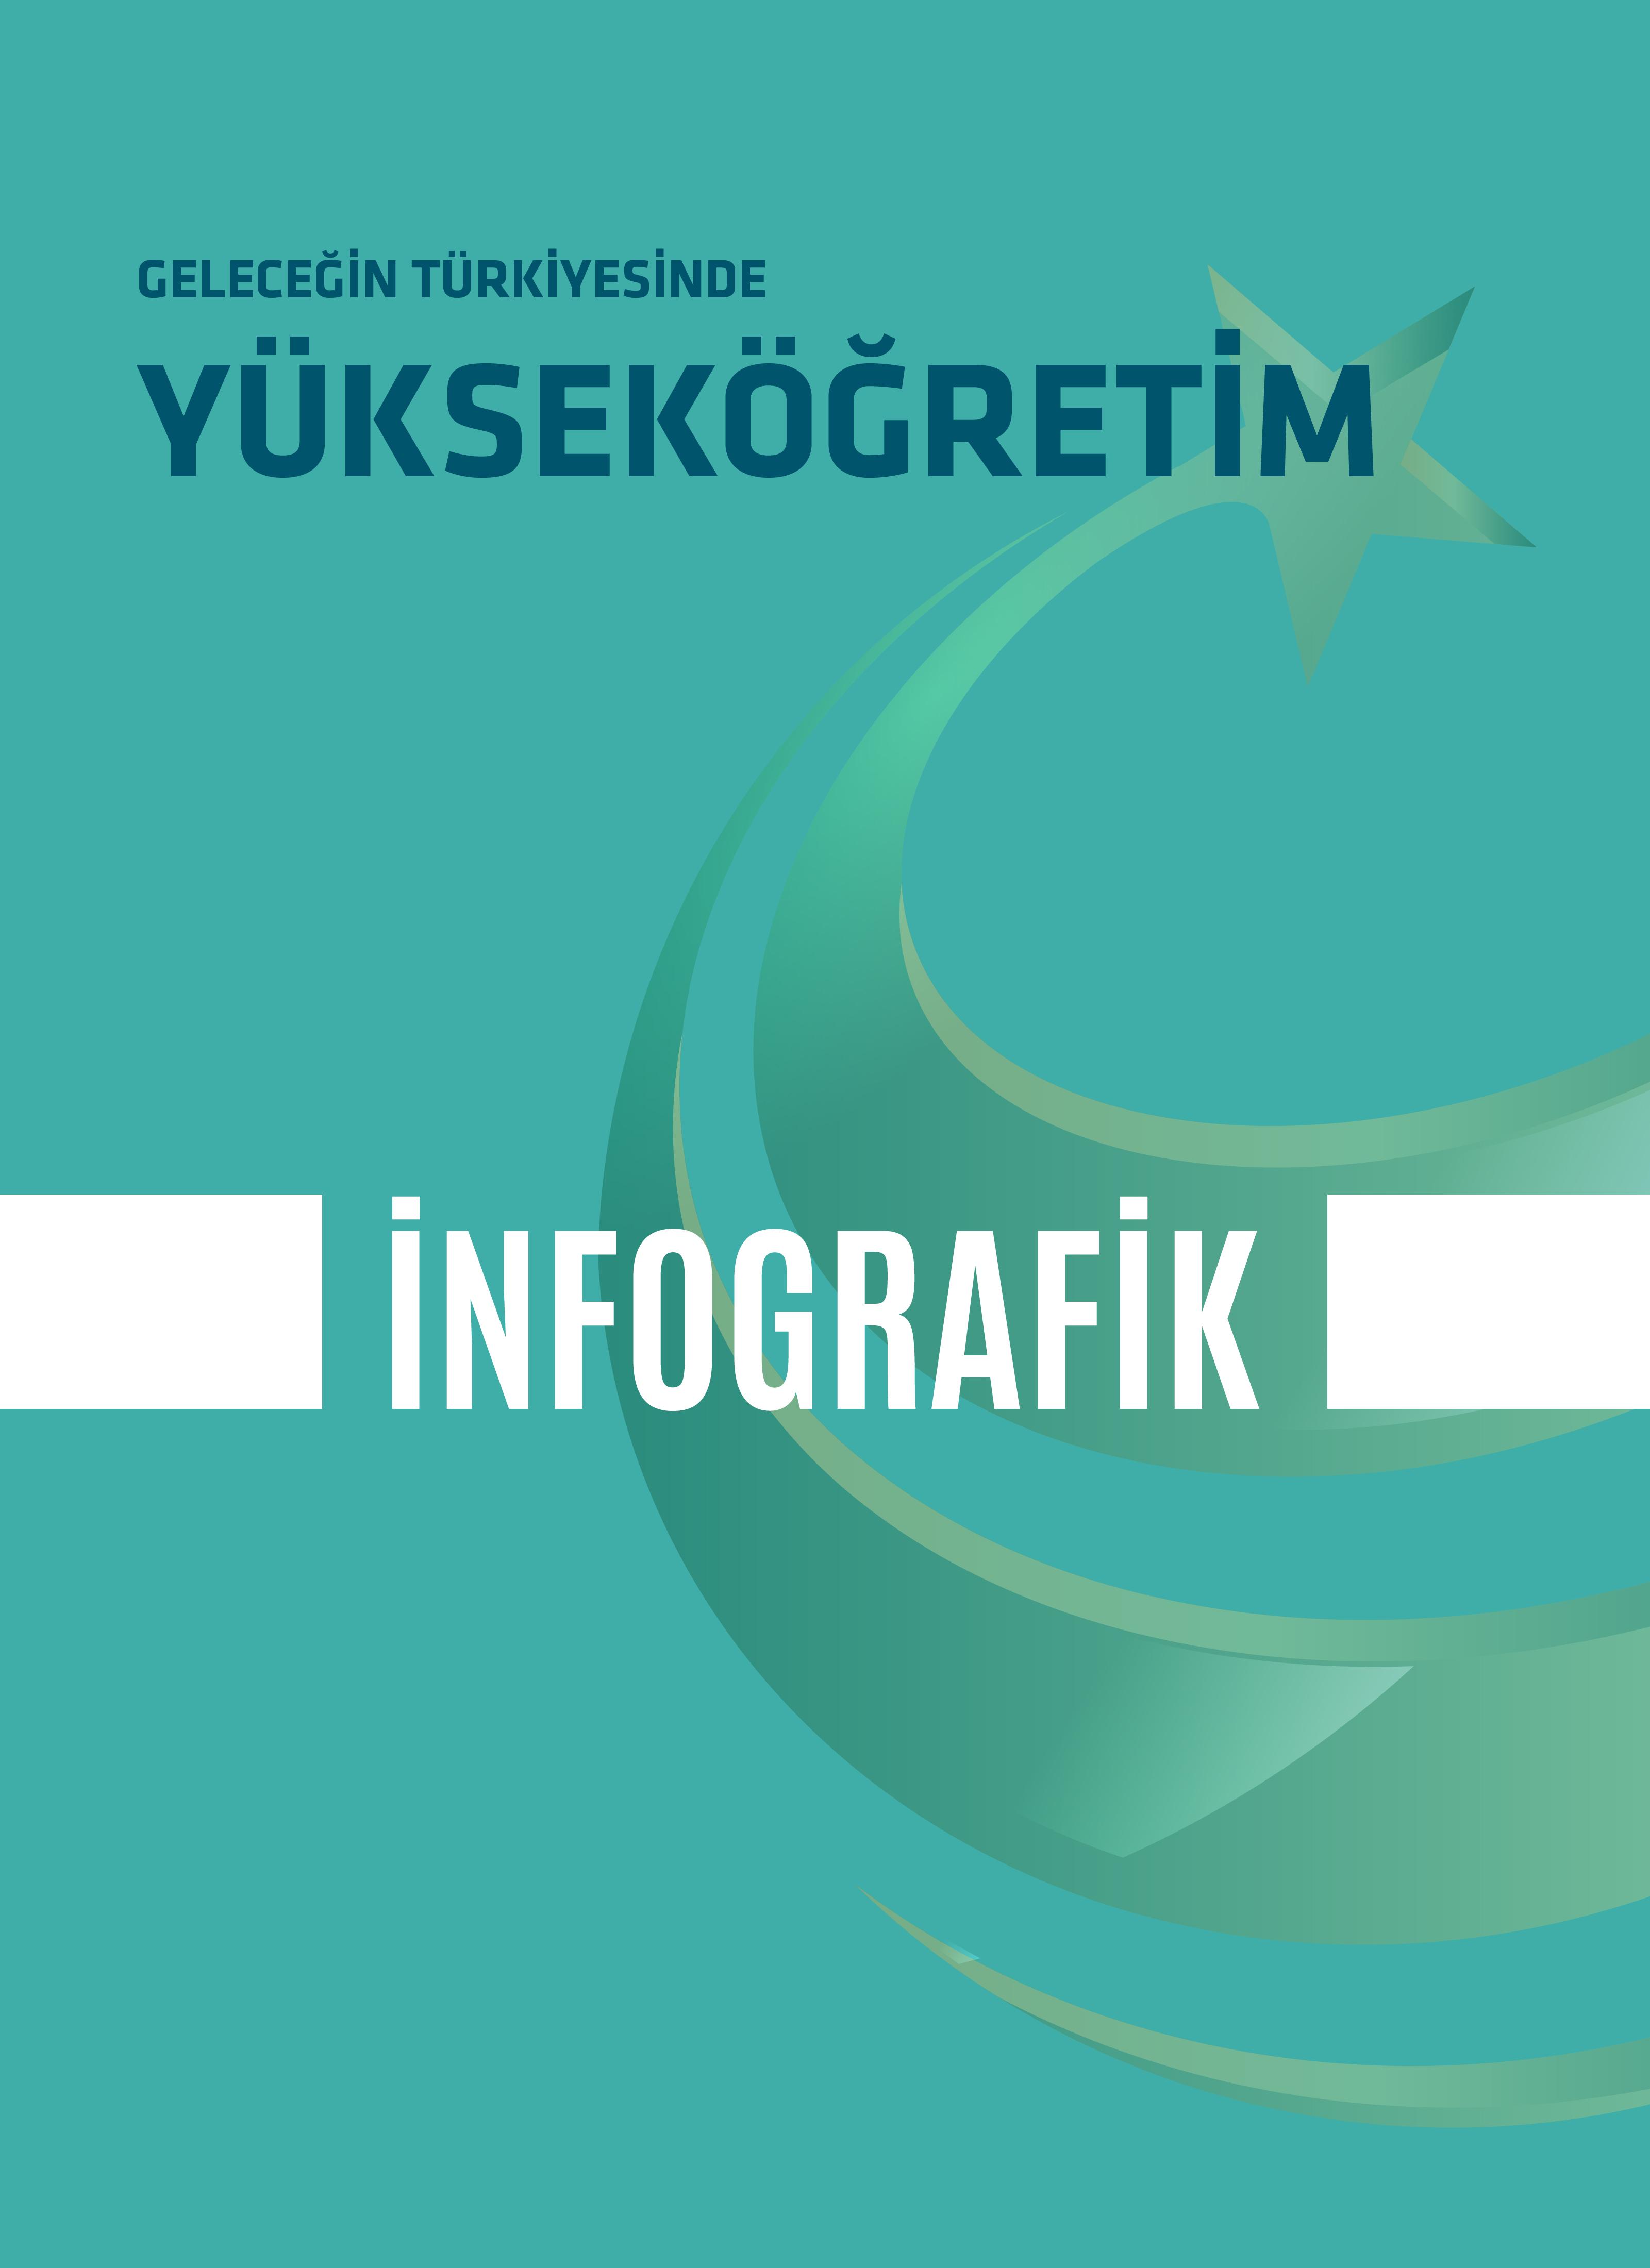 İnfografik |Geleceğin Türkiyesinde Yükseköğretim